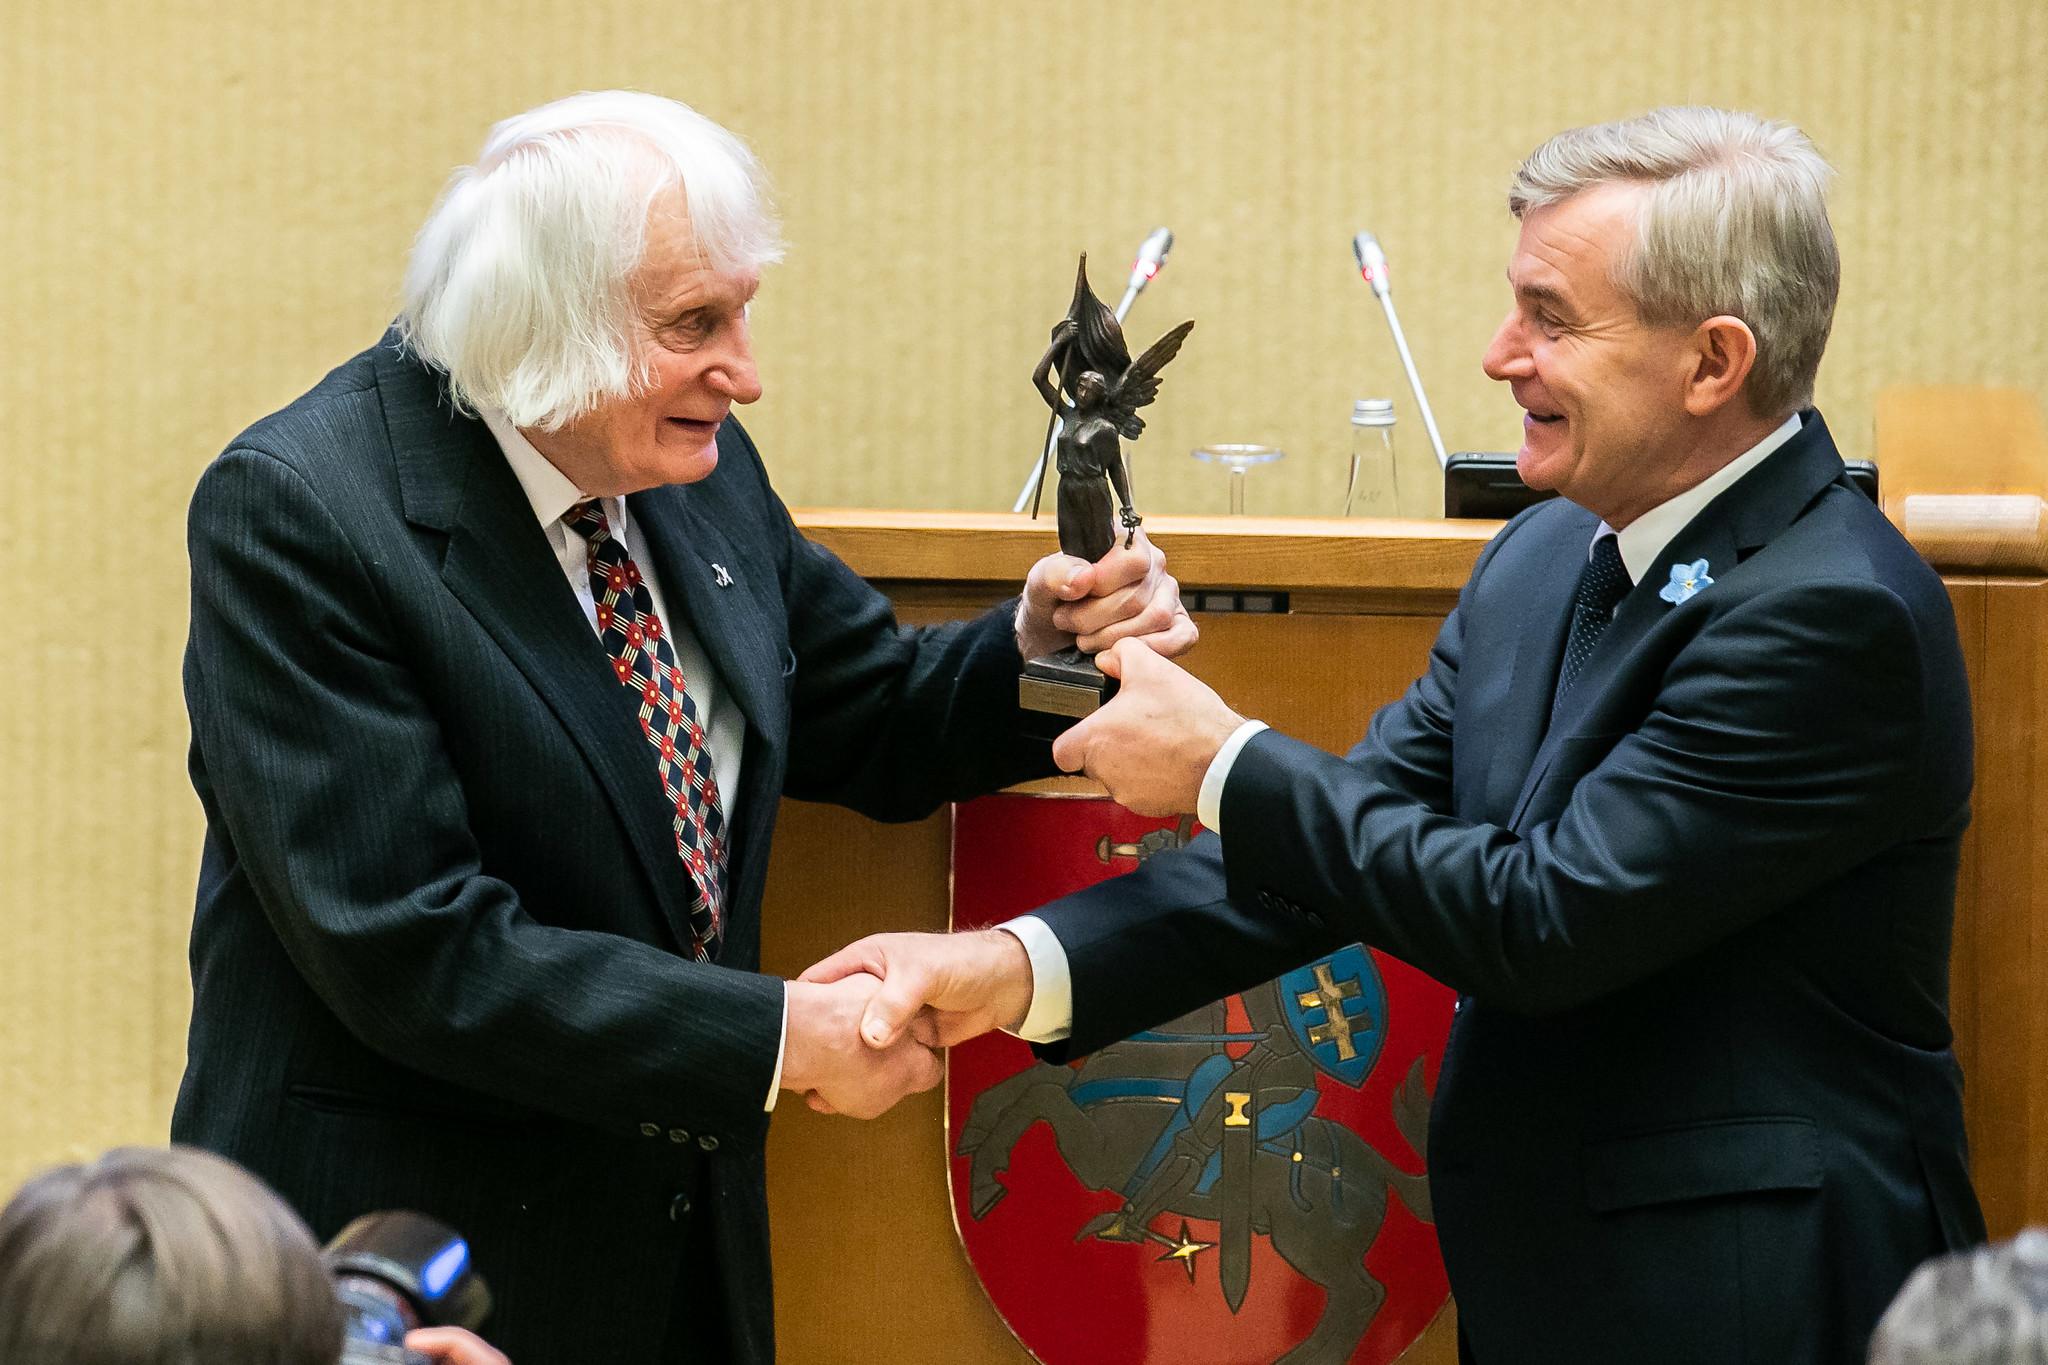 Seimo pirmininkas Viktoras Pranckietis įteikia 2019-ųjų metų Laisvės premiją Albinui Kentrai | lrs.lt, O. Posaškovos nuotr.